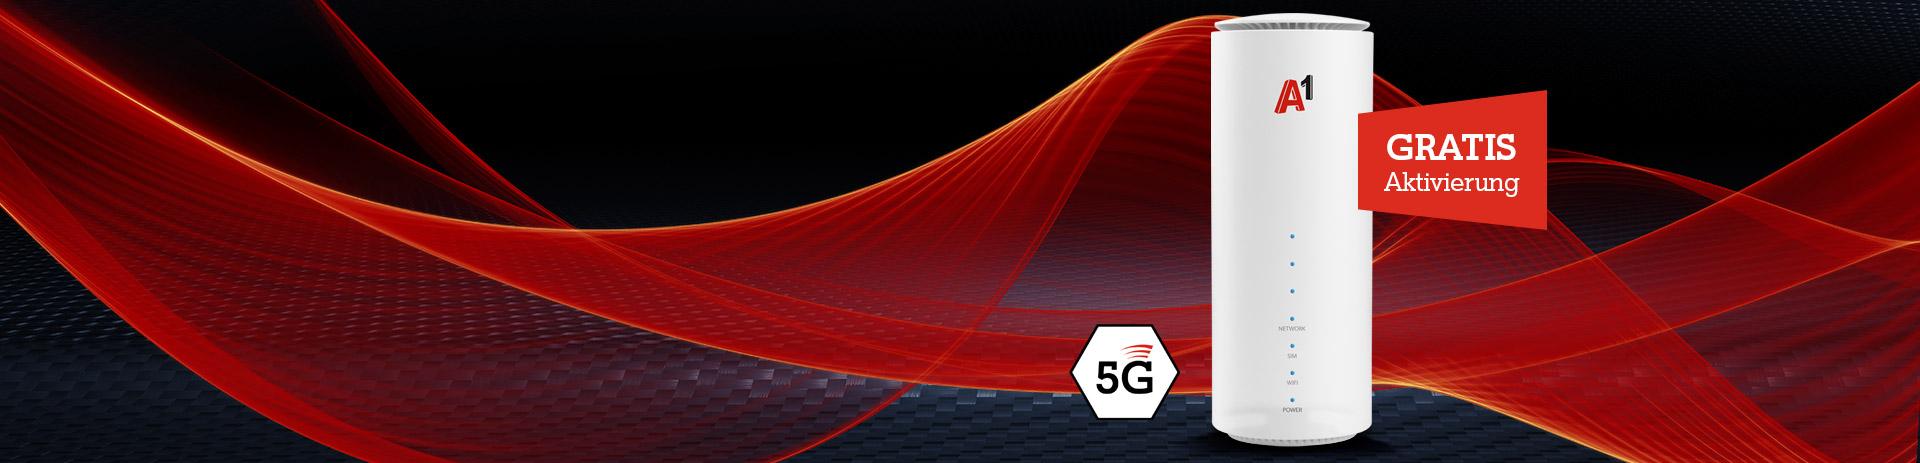 A1 5G Business Netcube